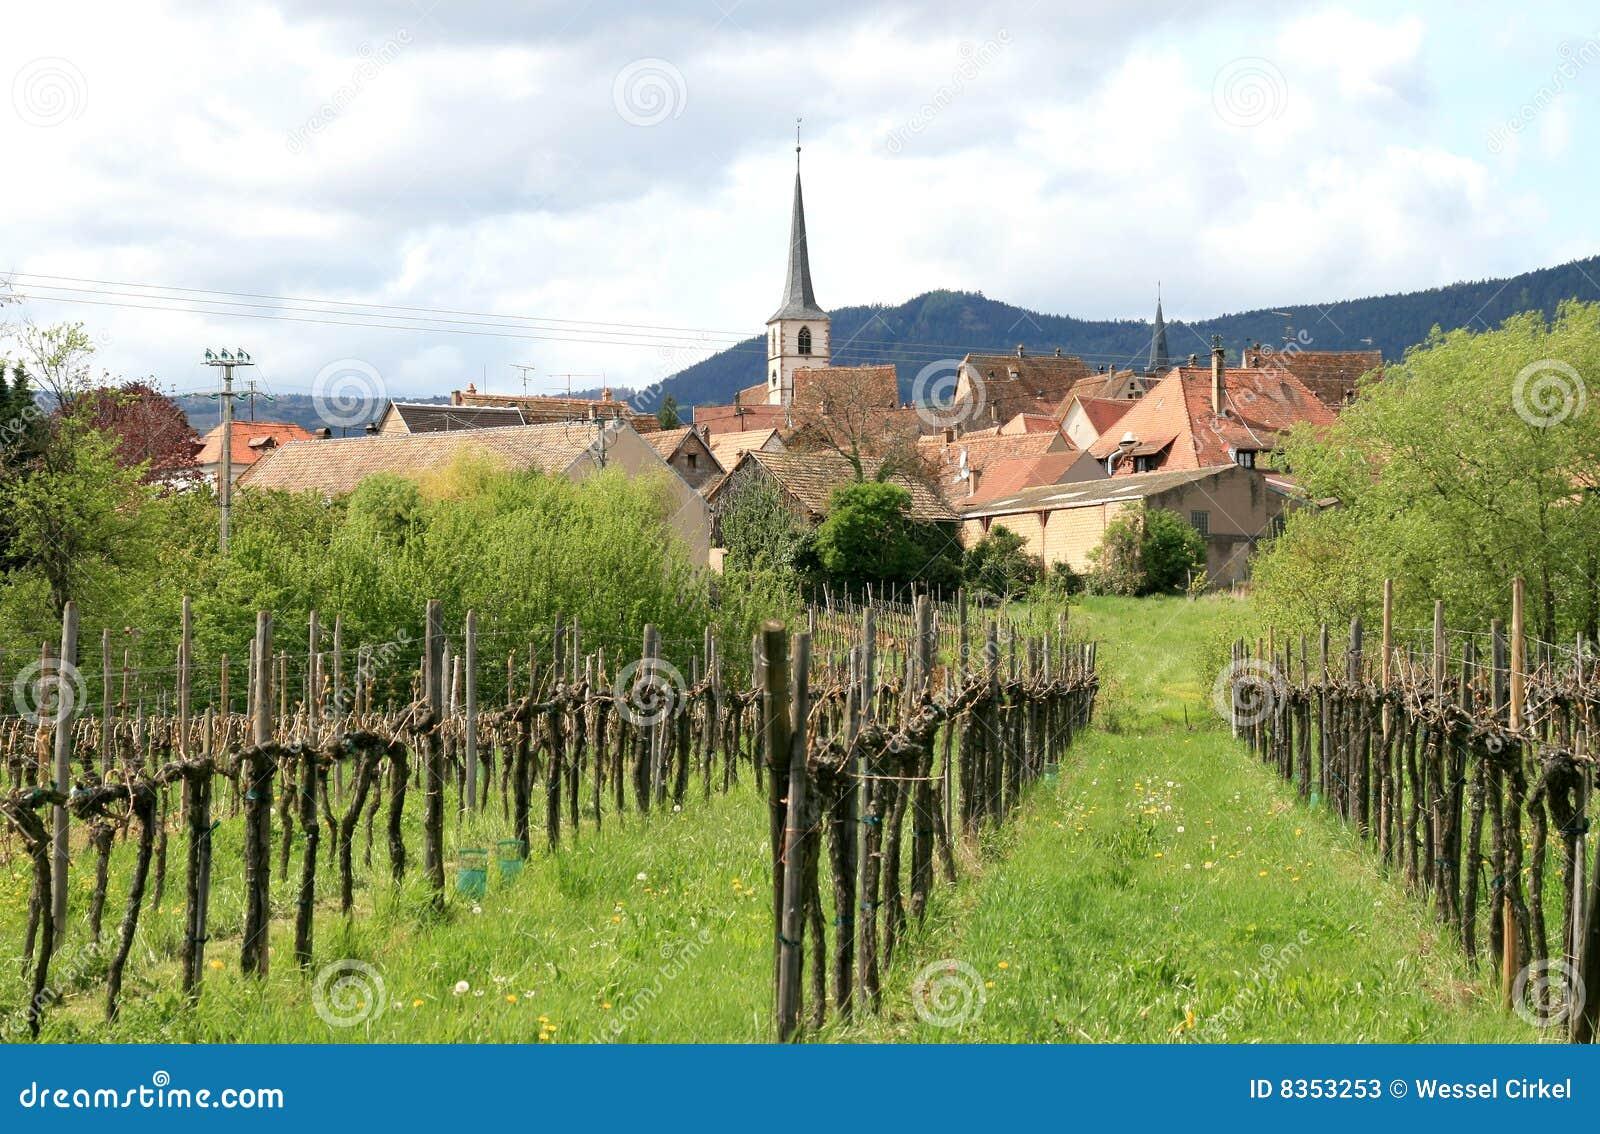 http://thumbs.dreamstime.com/z/vineyard-village-mittelbergheim-france-8353253.jpg